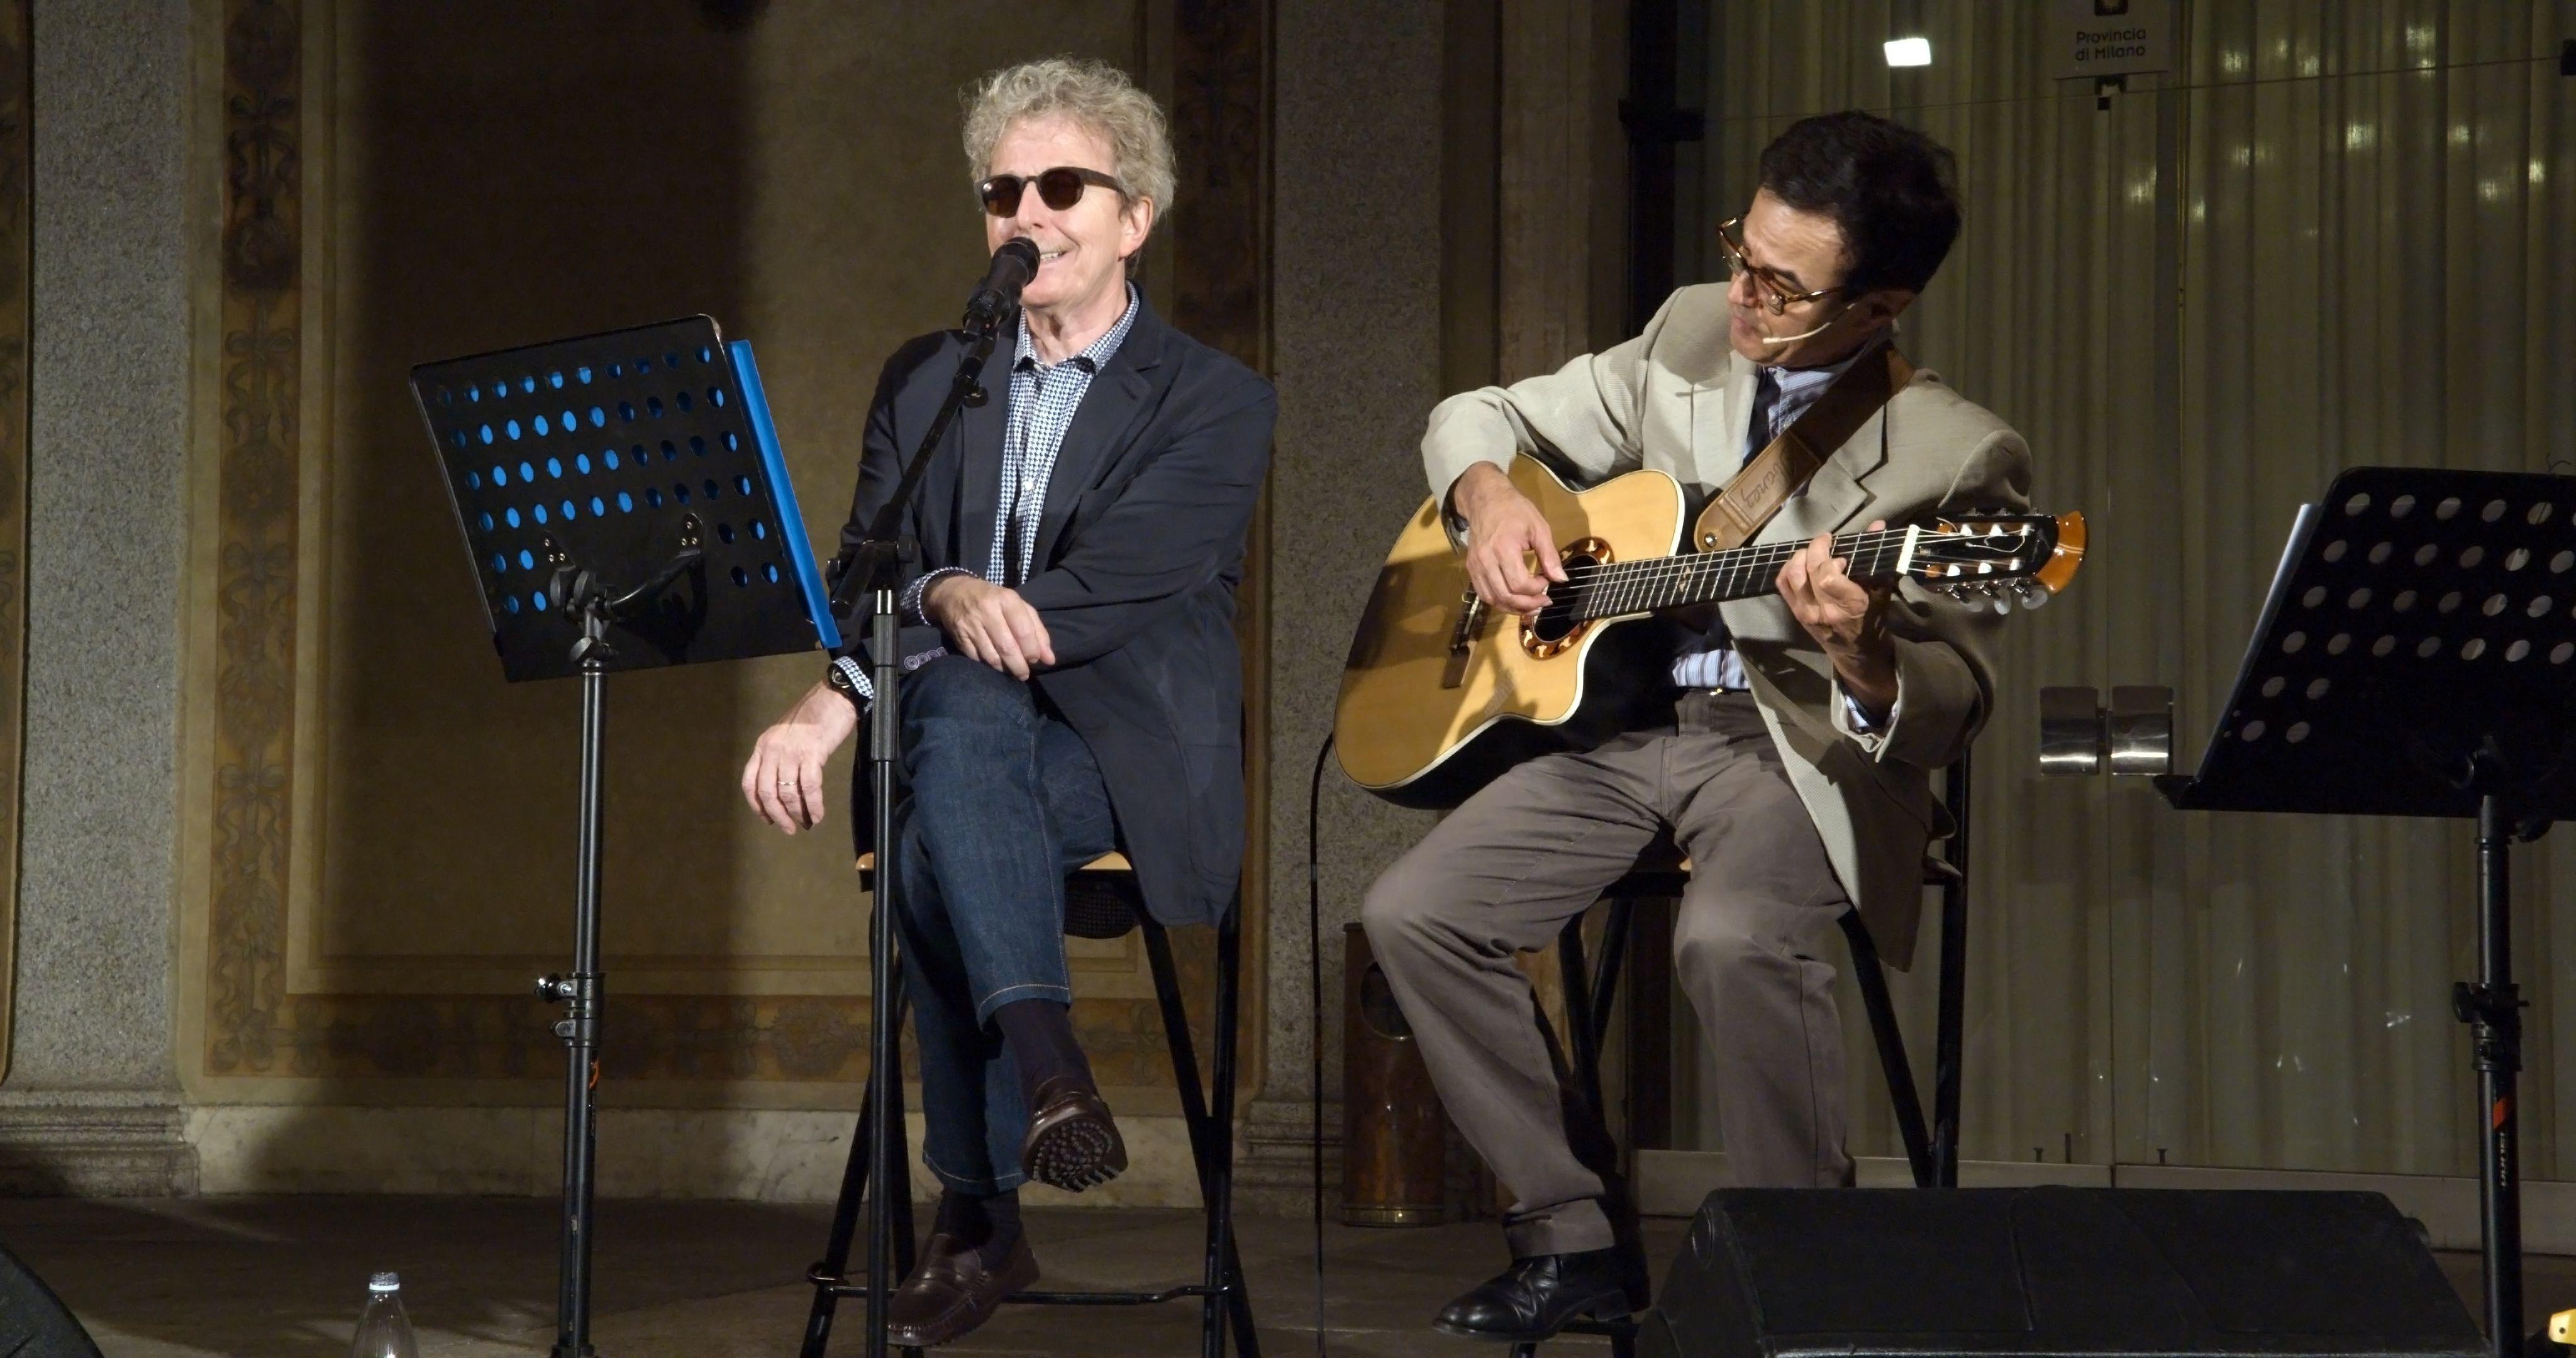 Fabio Concato e Paolo Cattaneo - Palazzo Isimbardi (Milano) - Canto quindi suono... Changhong sponsor dell'evento.  #FabioConcato